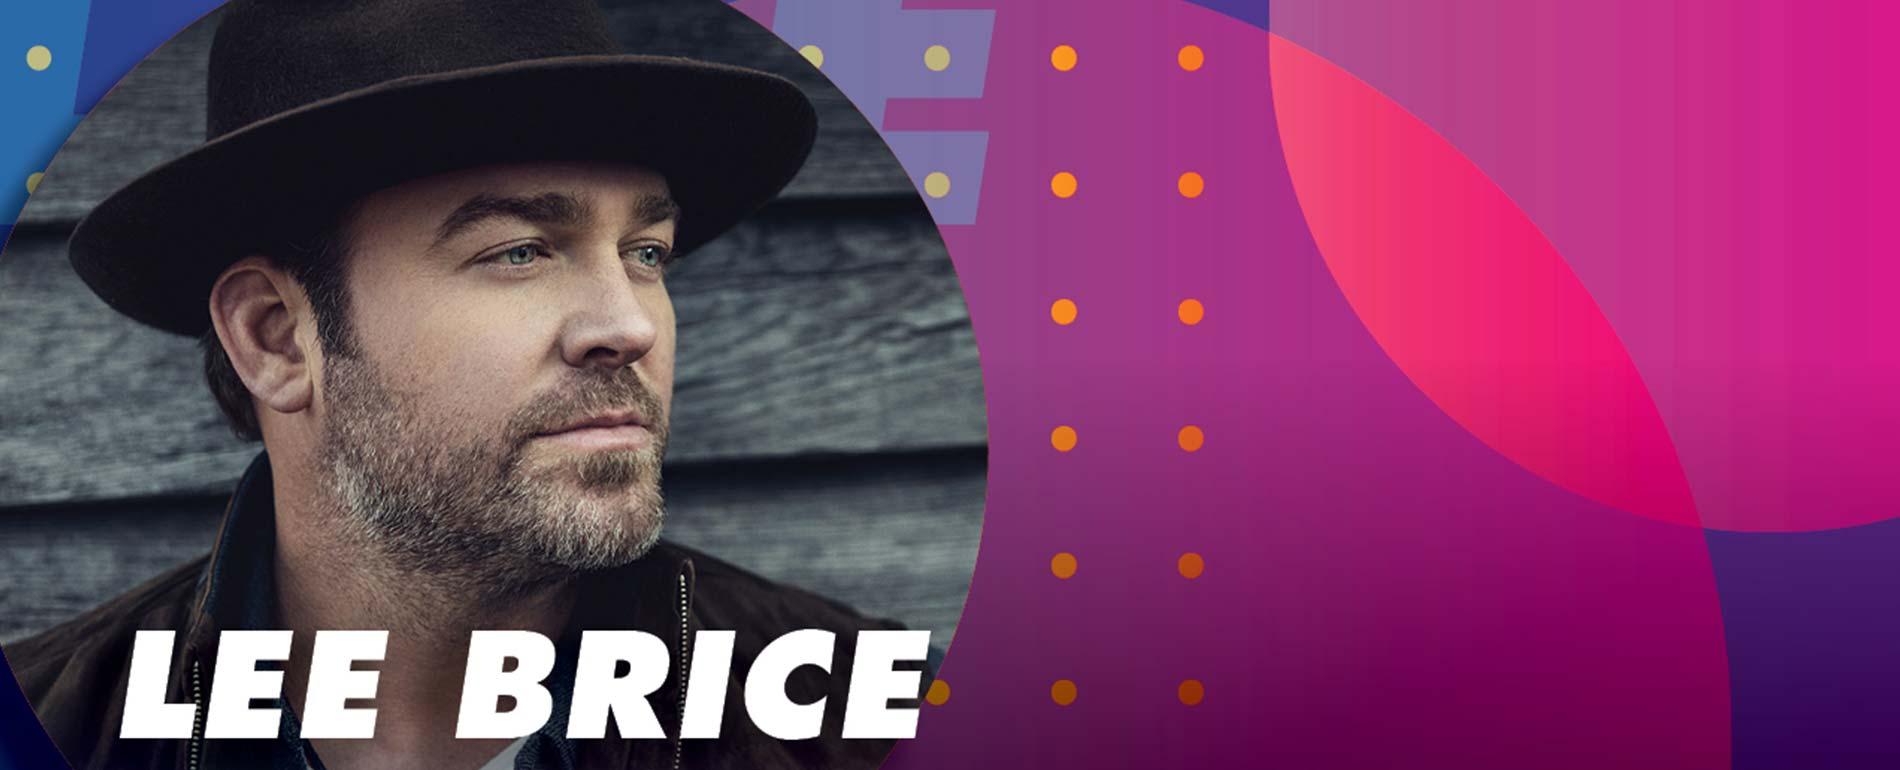 Lee Brice - Poconos Concerts